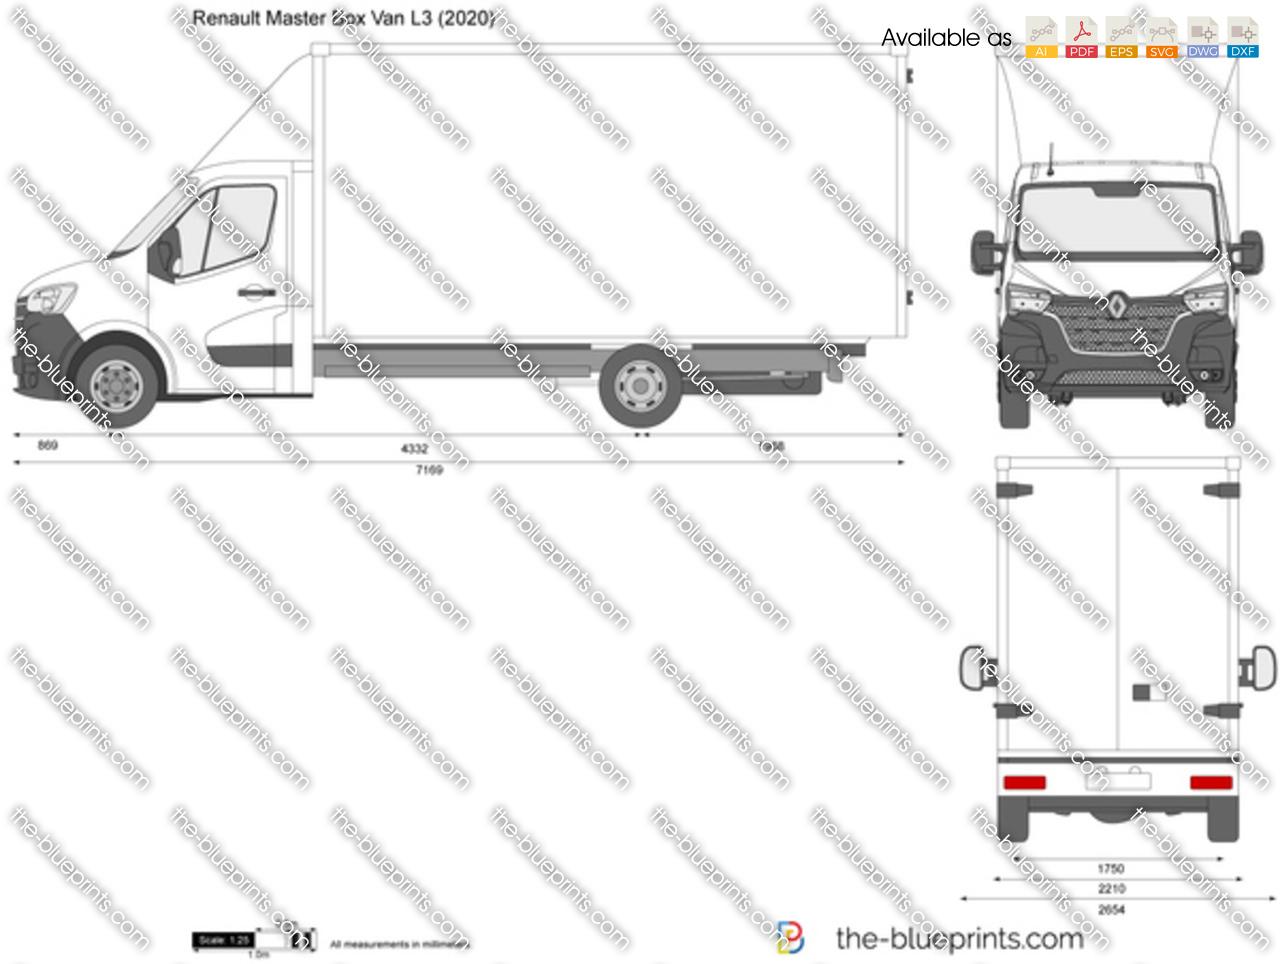 Renault Master Box Van L3